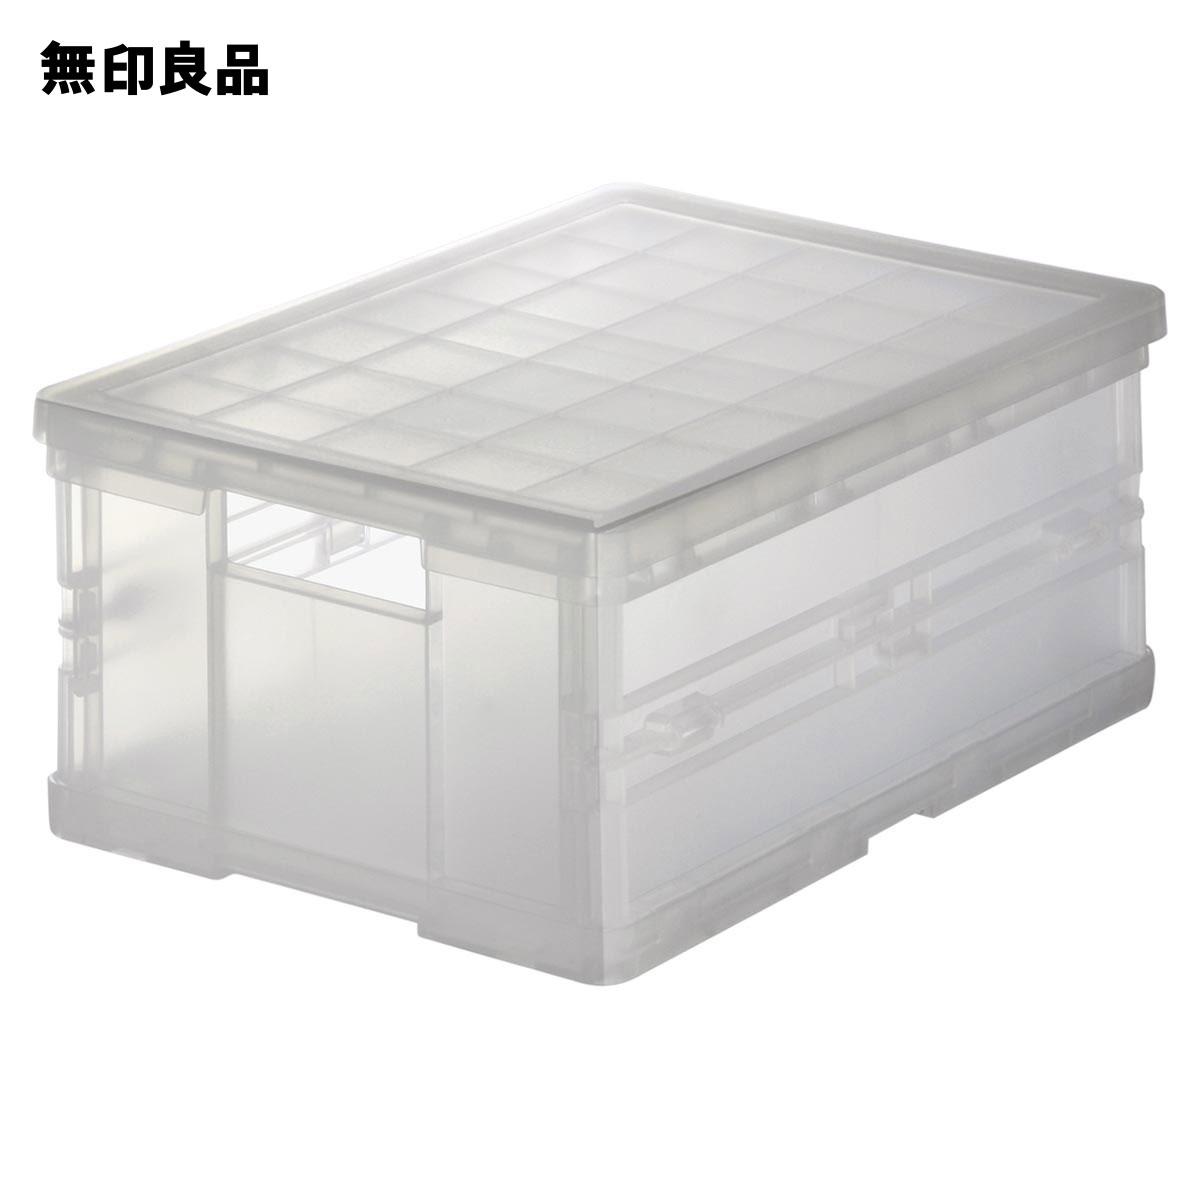 ポリプロピレンキャリーボックス・折りたたみ式